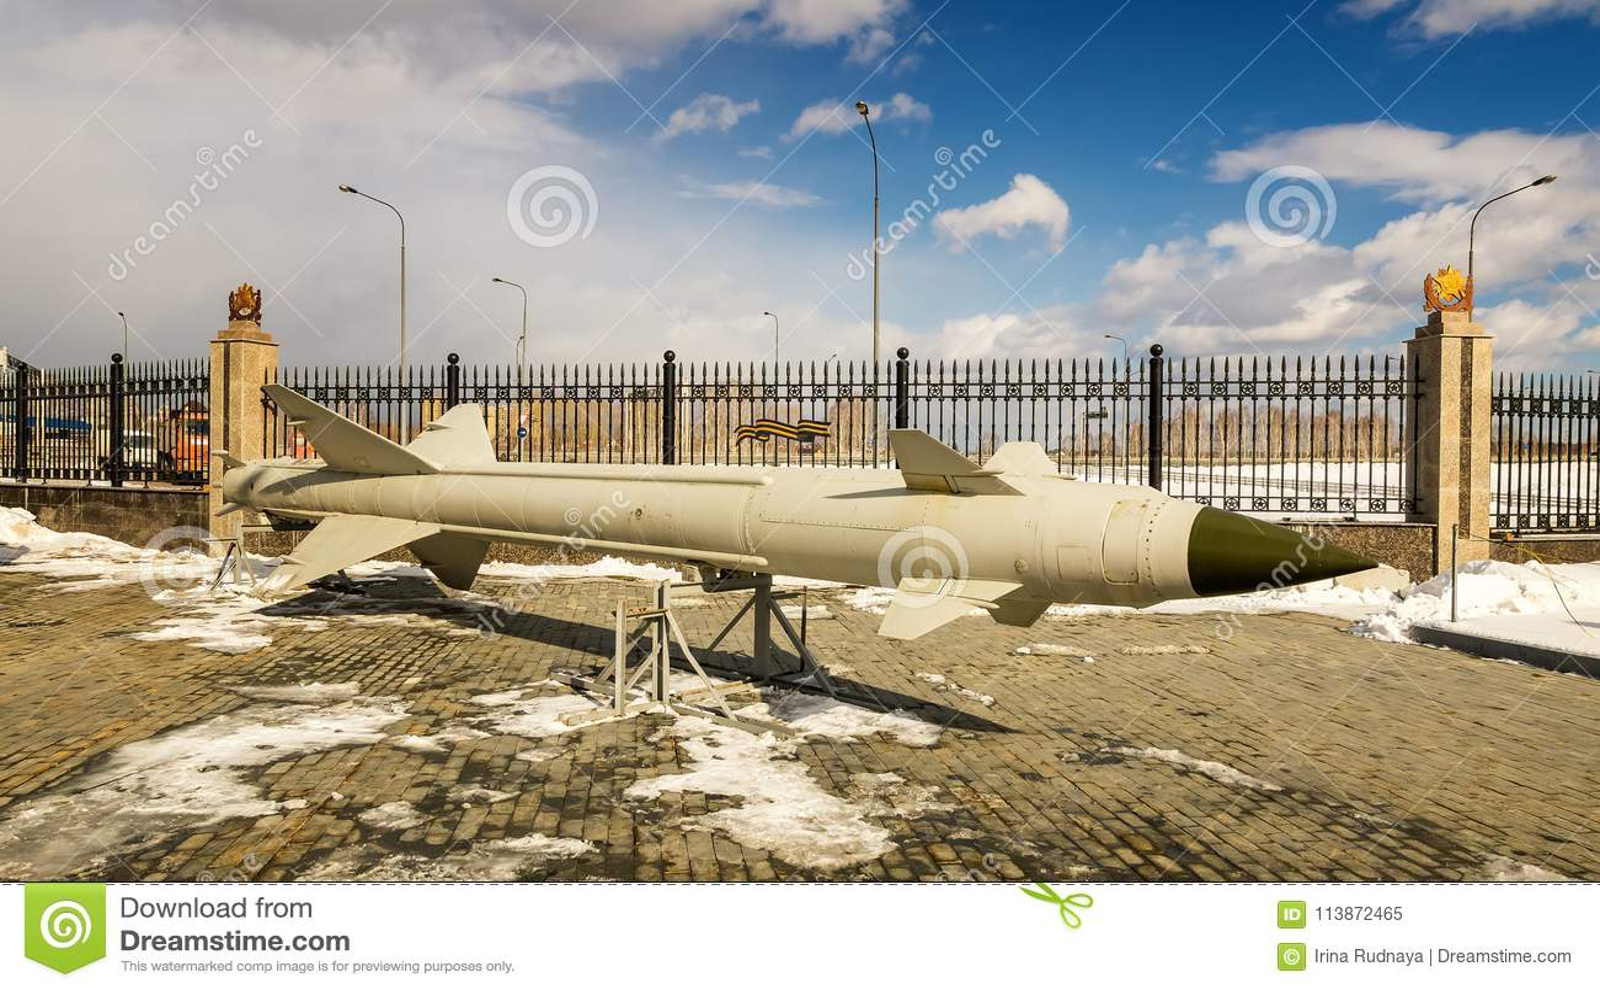 Sovjetisk missil-enutställning för strid av museet för militär historia, Ryssland, Ekaterinburg, 31 03 2018